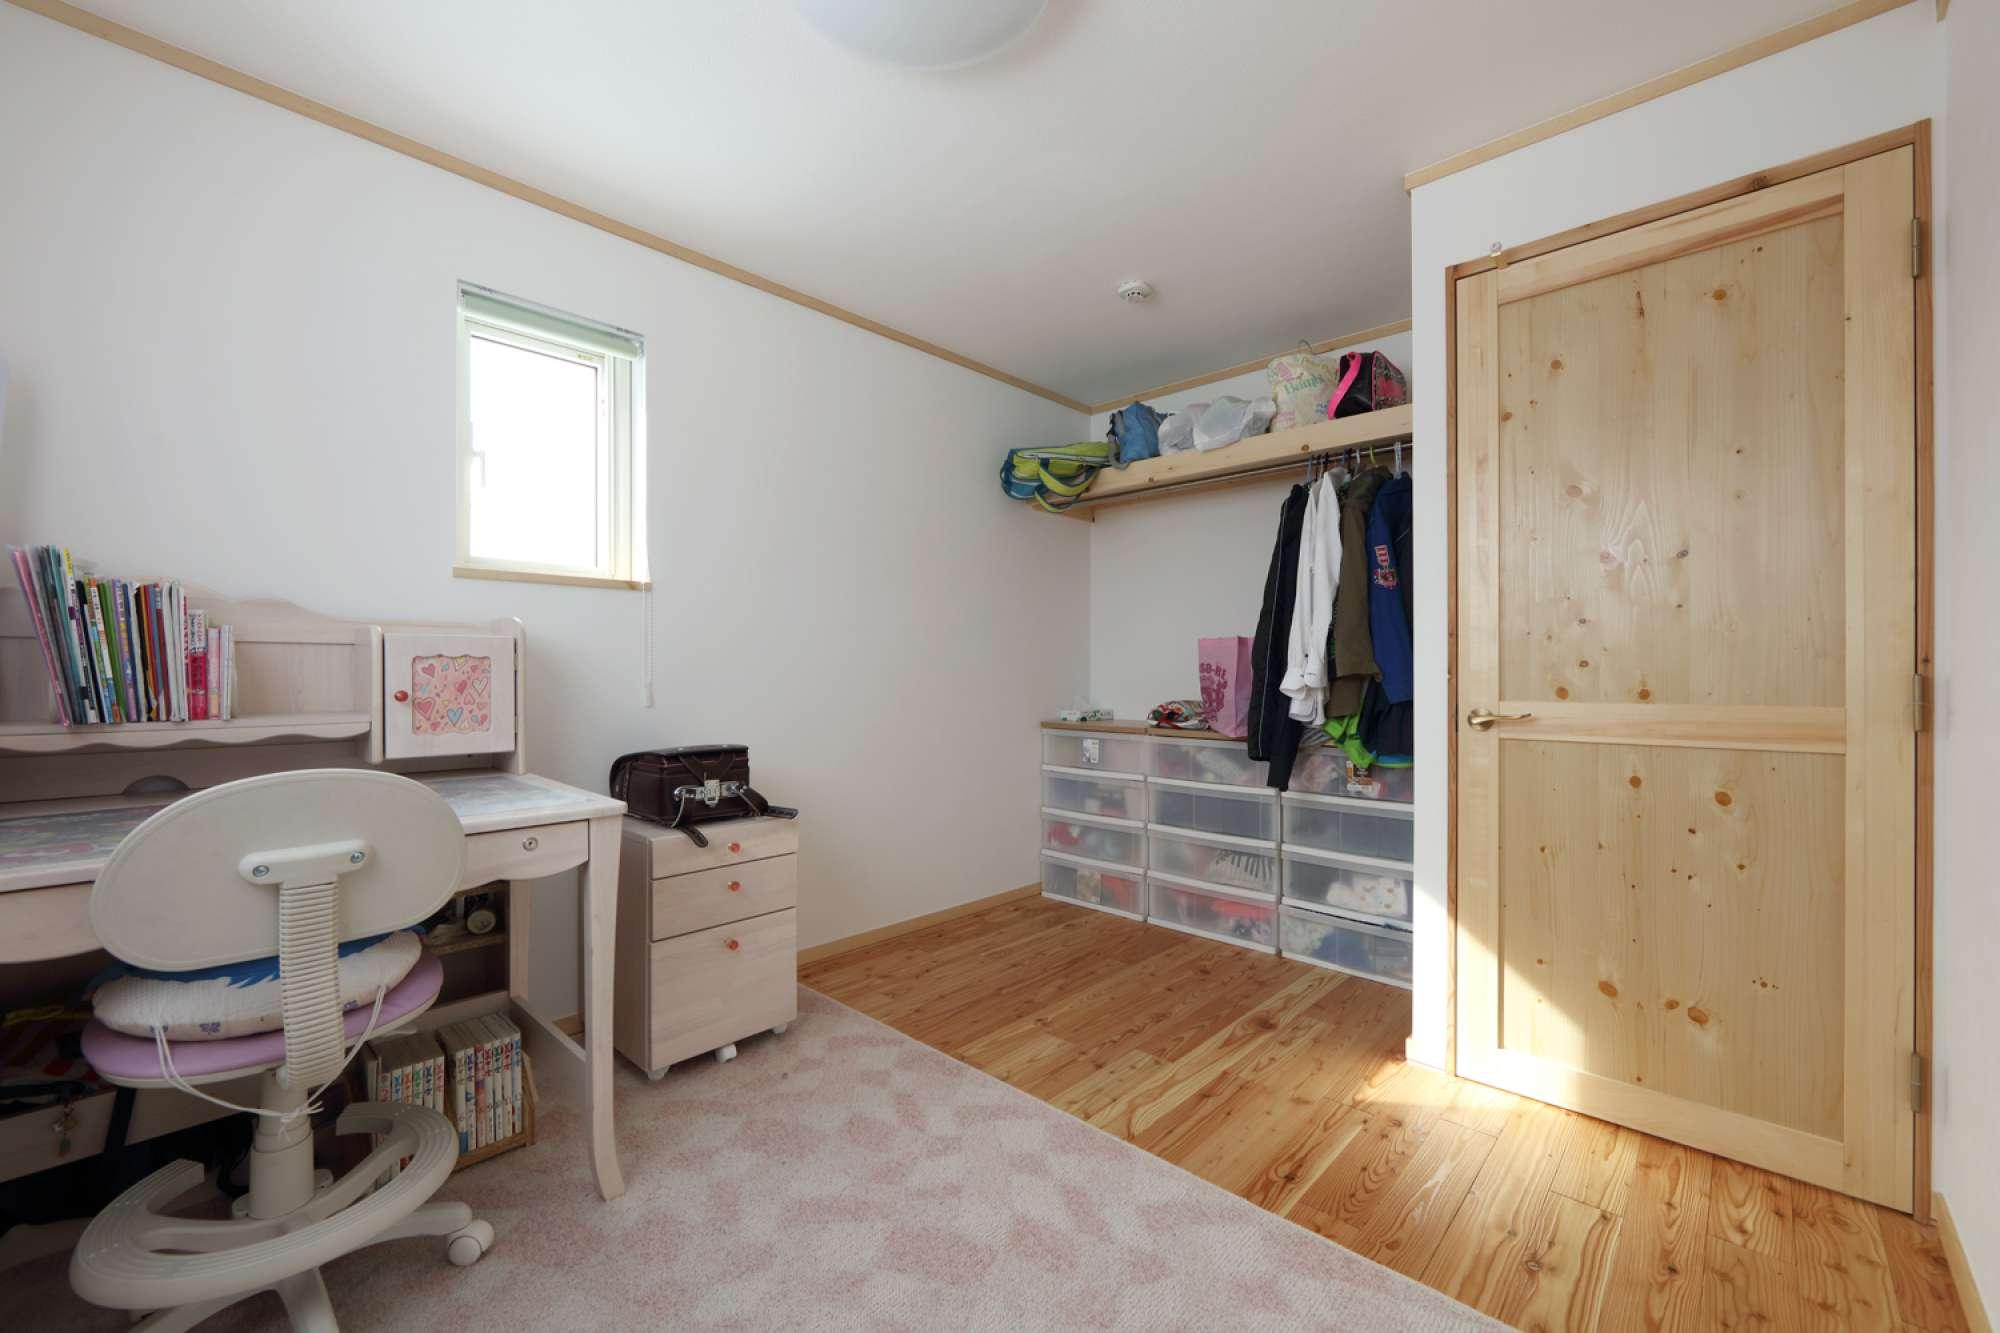 お姉ちゃんの部屋。クローゼットに扉がないぶん空間が広がり、片づけも意識するように。 -  -  -